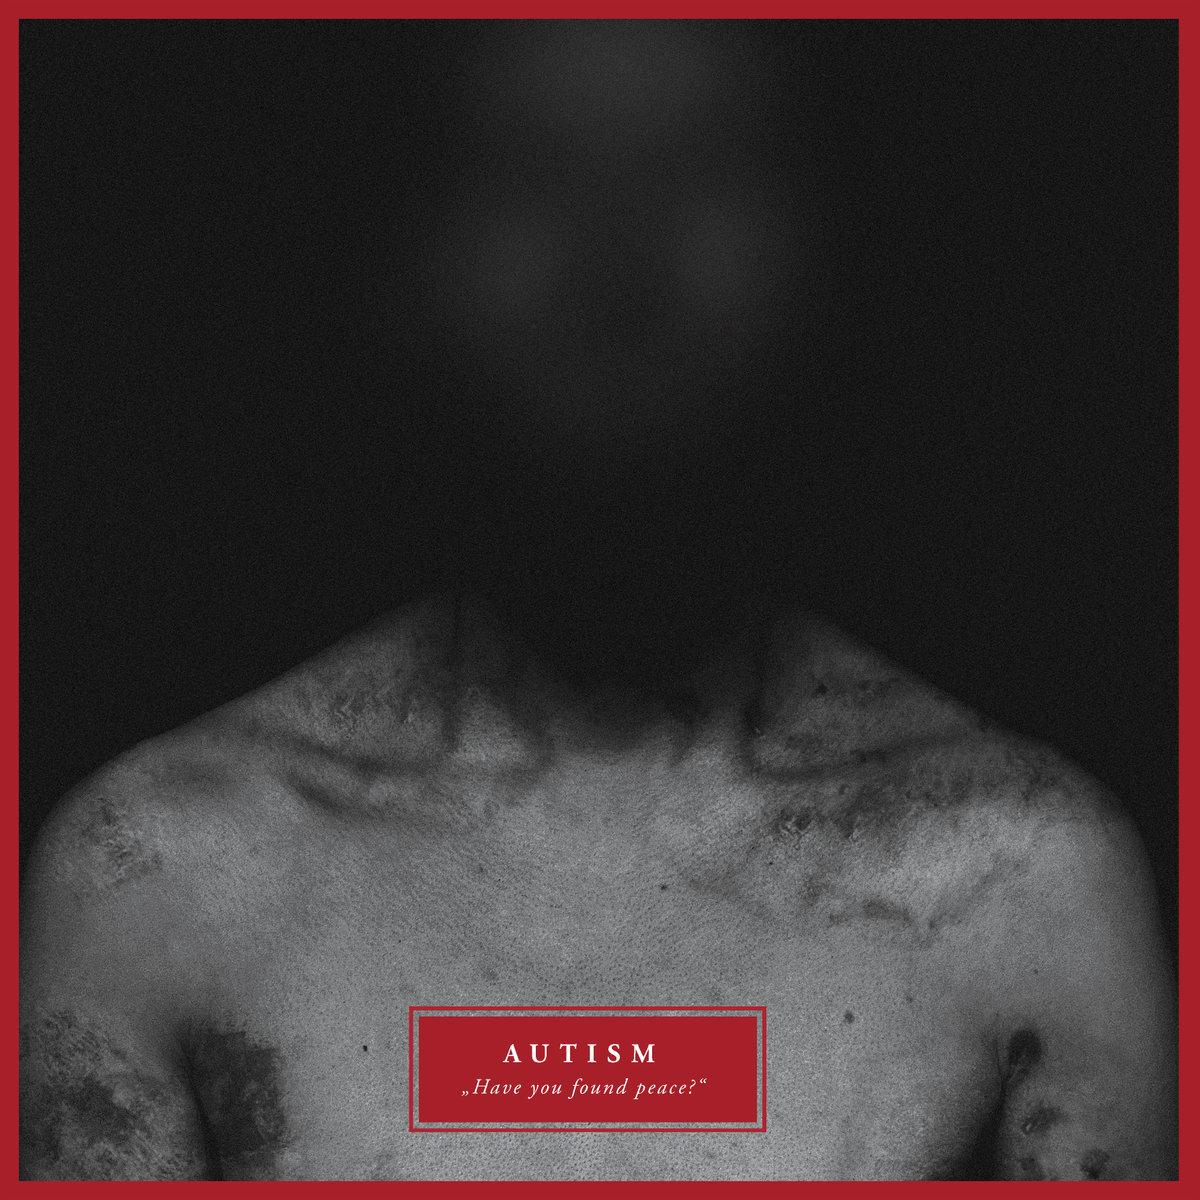 """AUTISM pristato kūrinį """"No Word"""" ir naujienas apie būsimą albumą"""